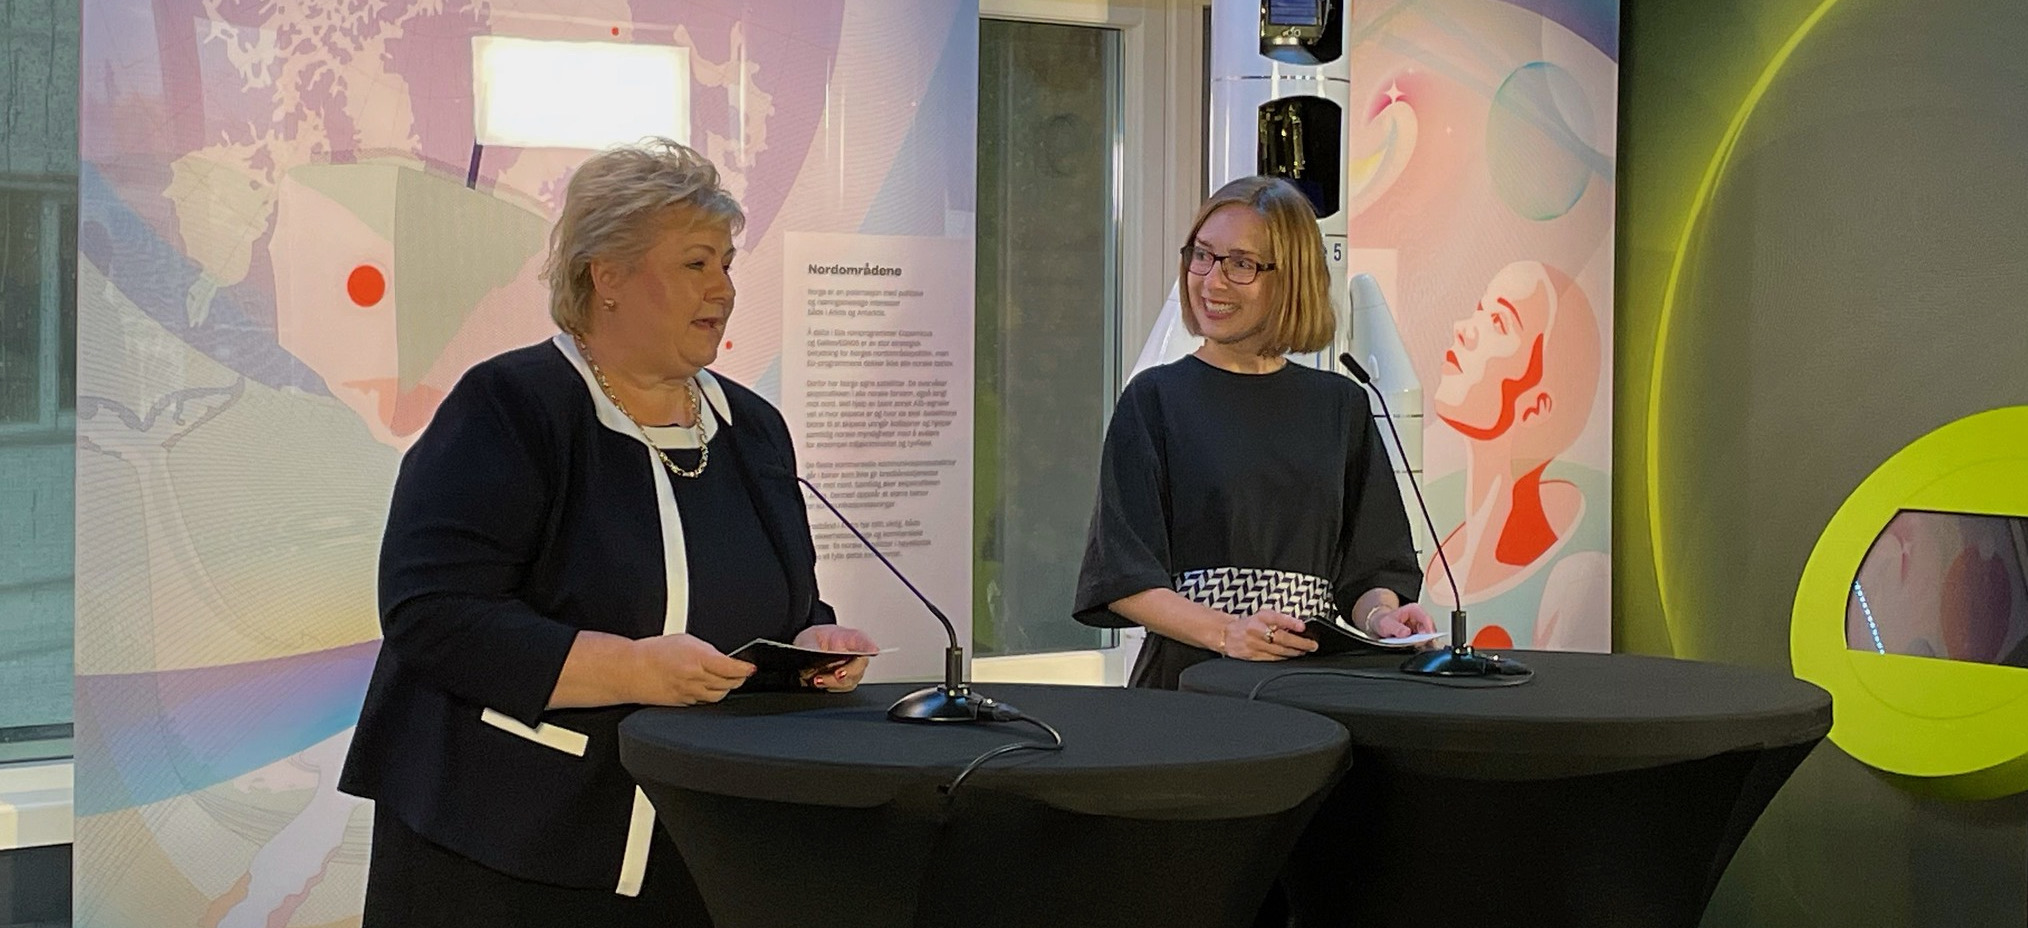 Statsminister Erna Solberg og nærings- og fiskeriminister Iselin Nybø annonserte finansieringenav oppskytningsbase på Andøya. Foto: NFD.